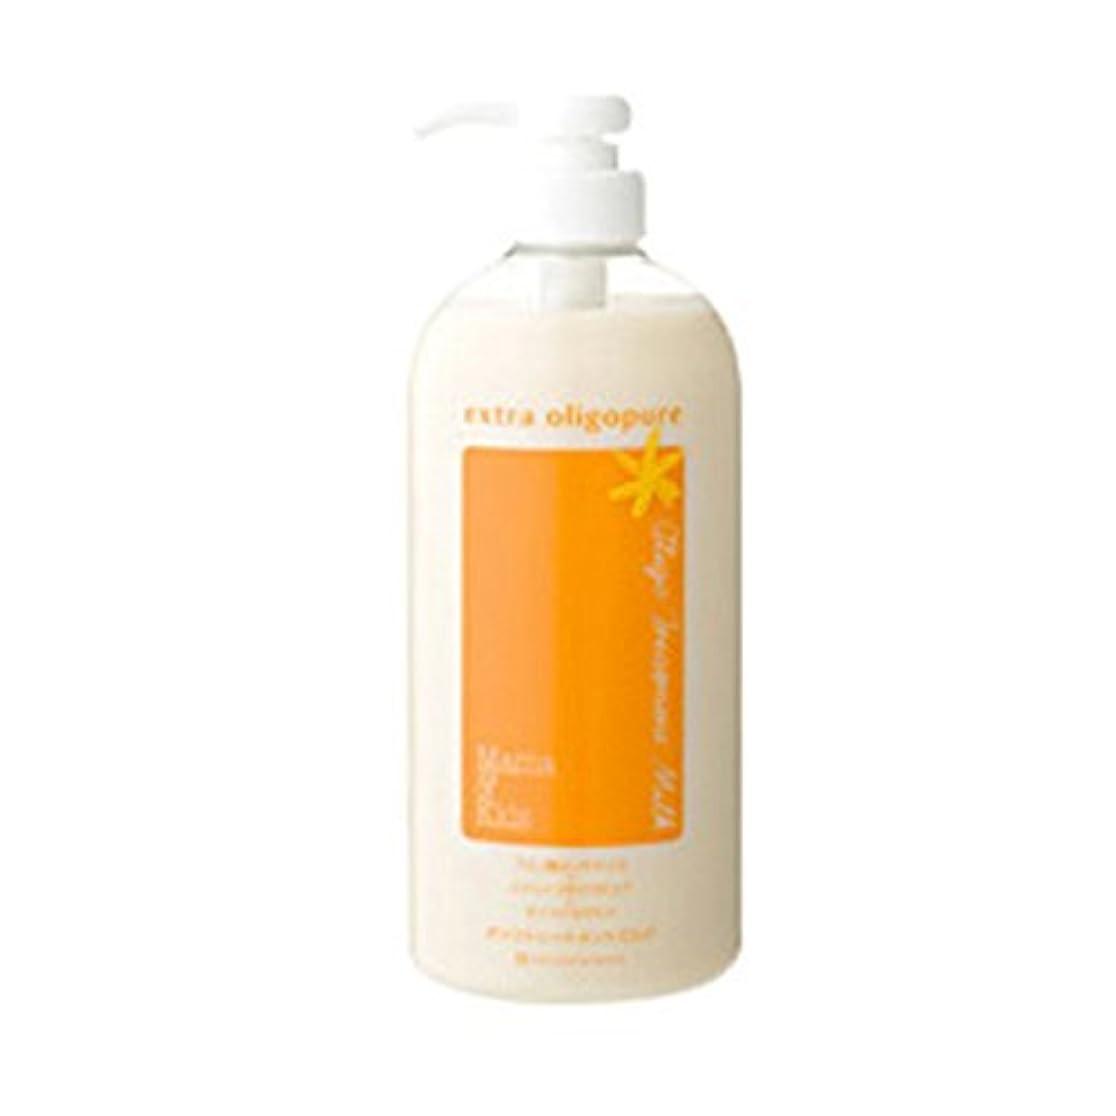 性能スカートゴミママ&キッズ オリゴトリートメントミルク 720ML/Mama&Kids Oligo Treatment Milk/护发素